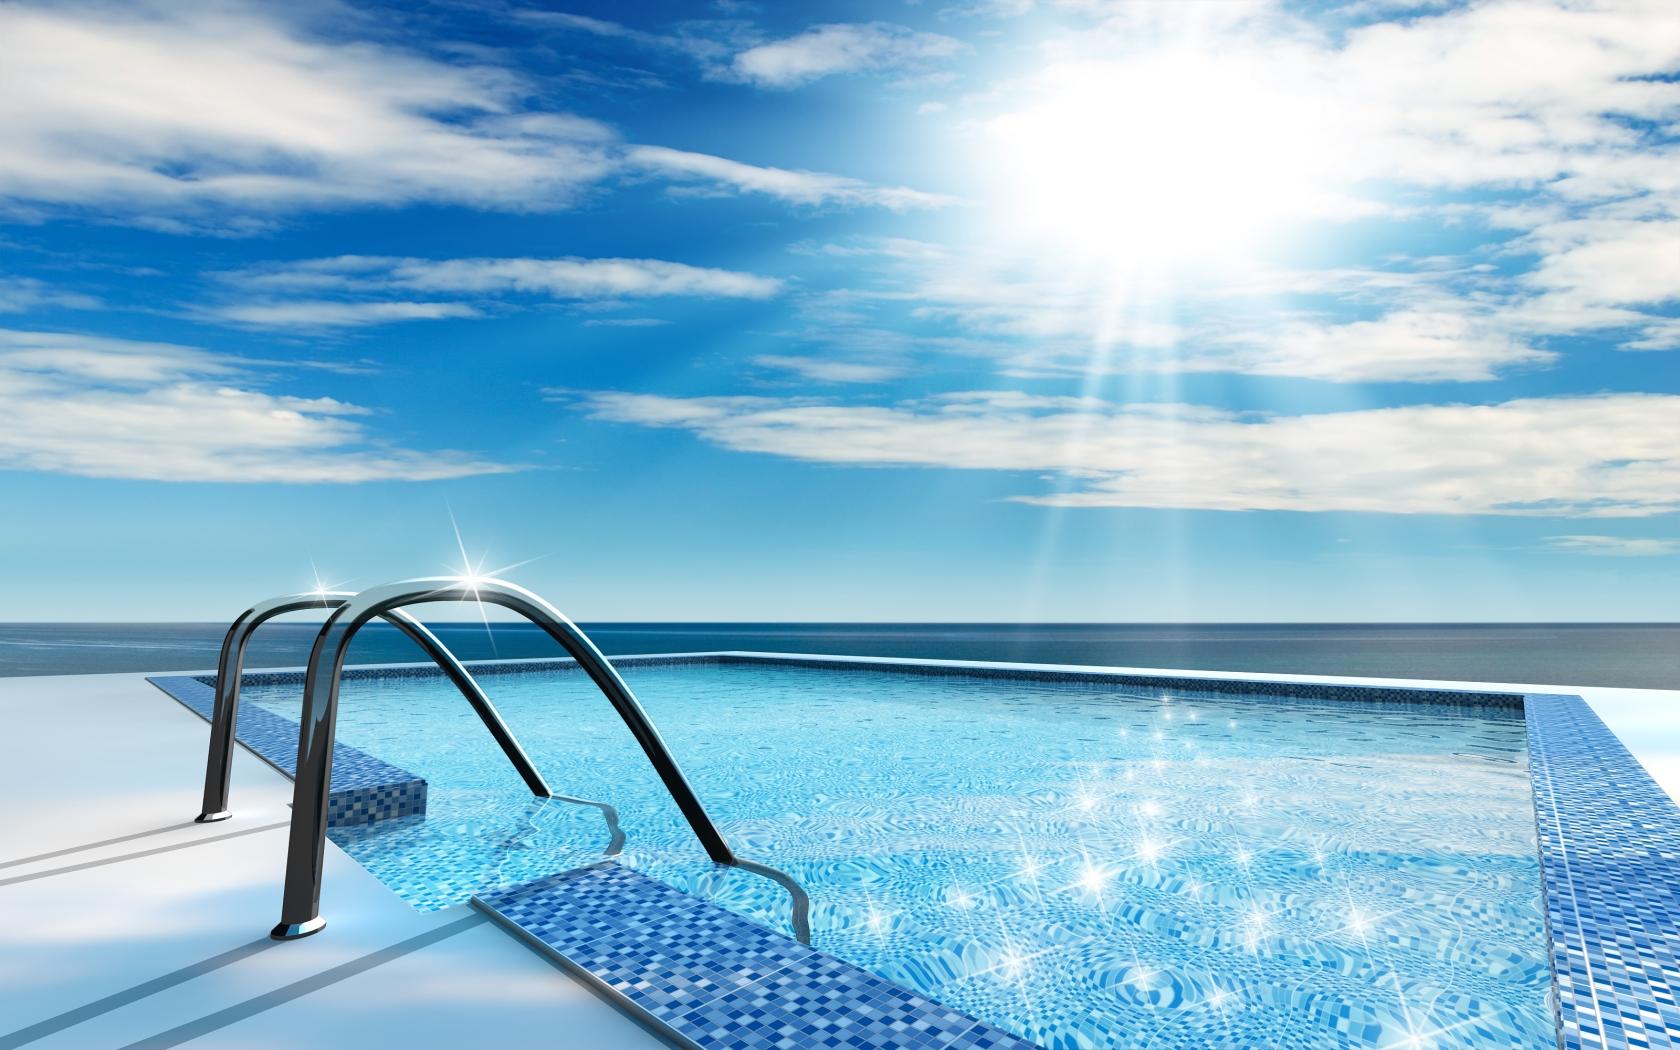 Бизнес идея: открытие бассейна